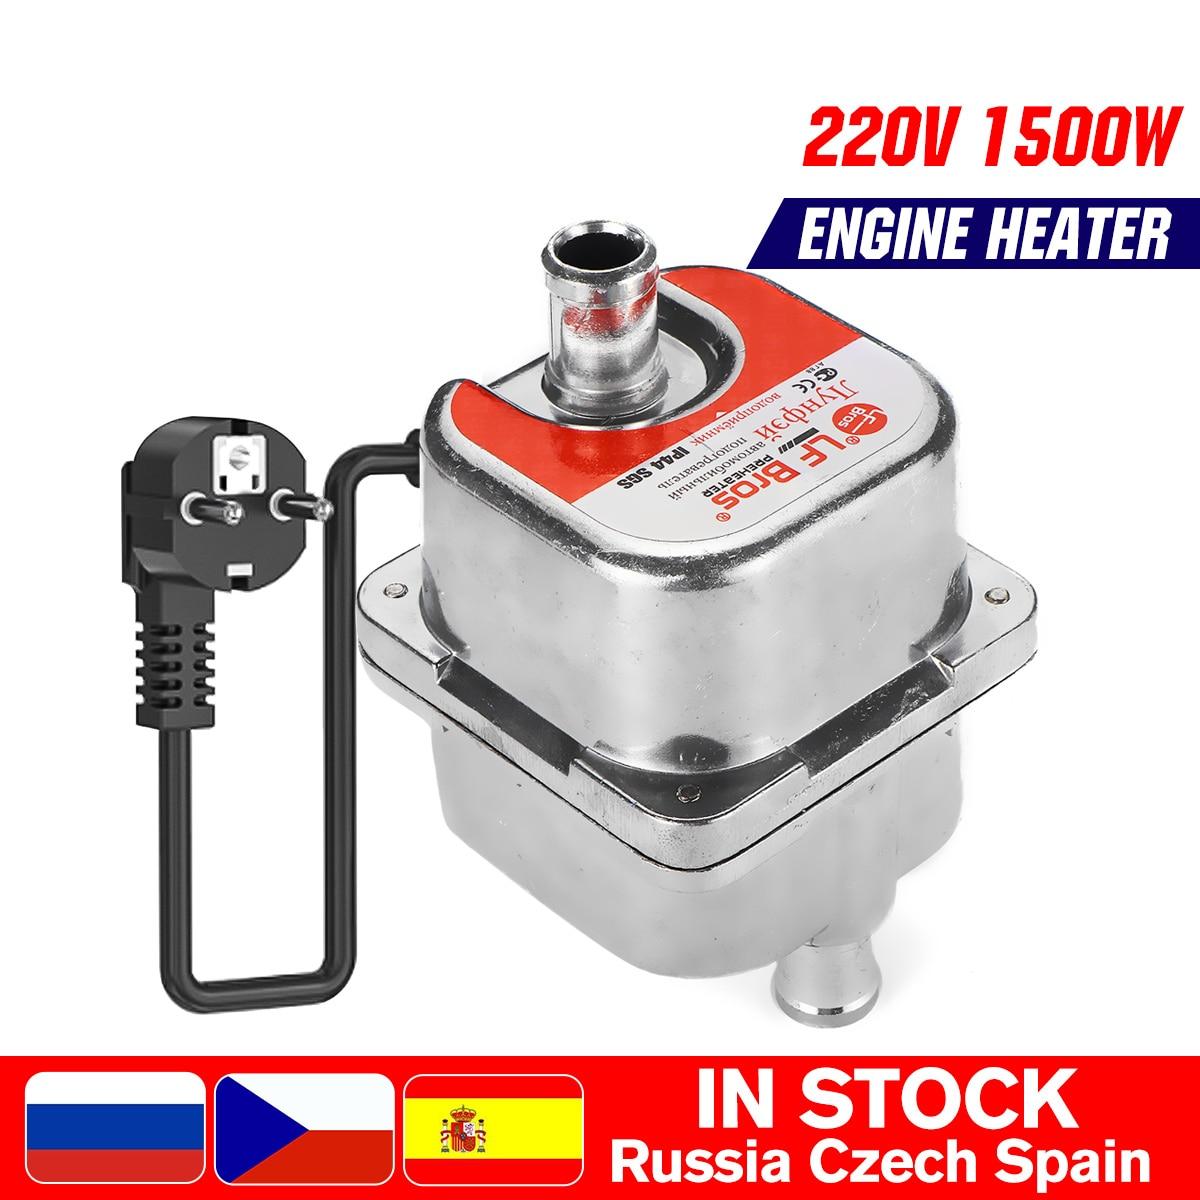 220V 1500W Автомобильный Подогреватель охлаждающей жидкости, подогреватель двигателя, авто Подогрев, подогрев воздуха, парковочный нагревател...